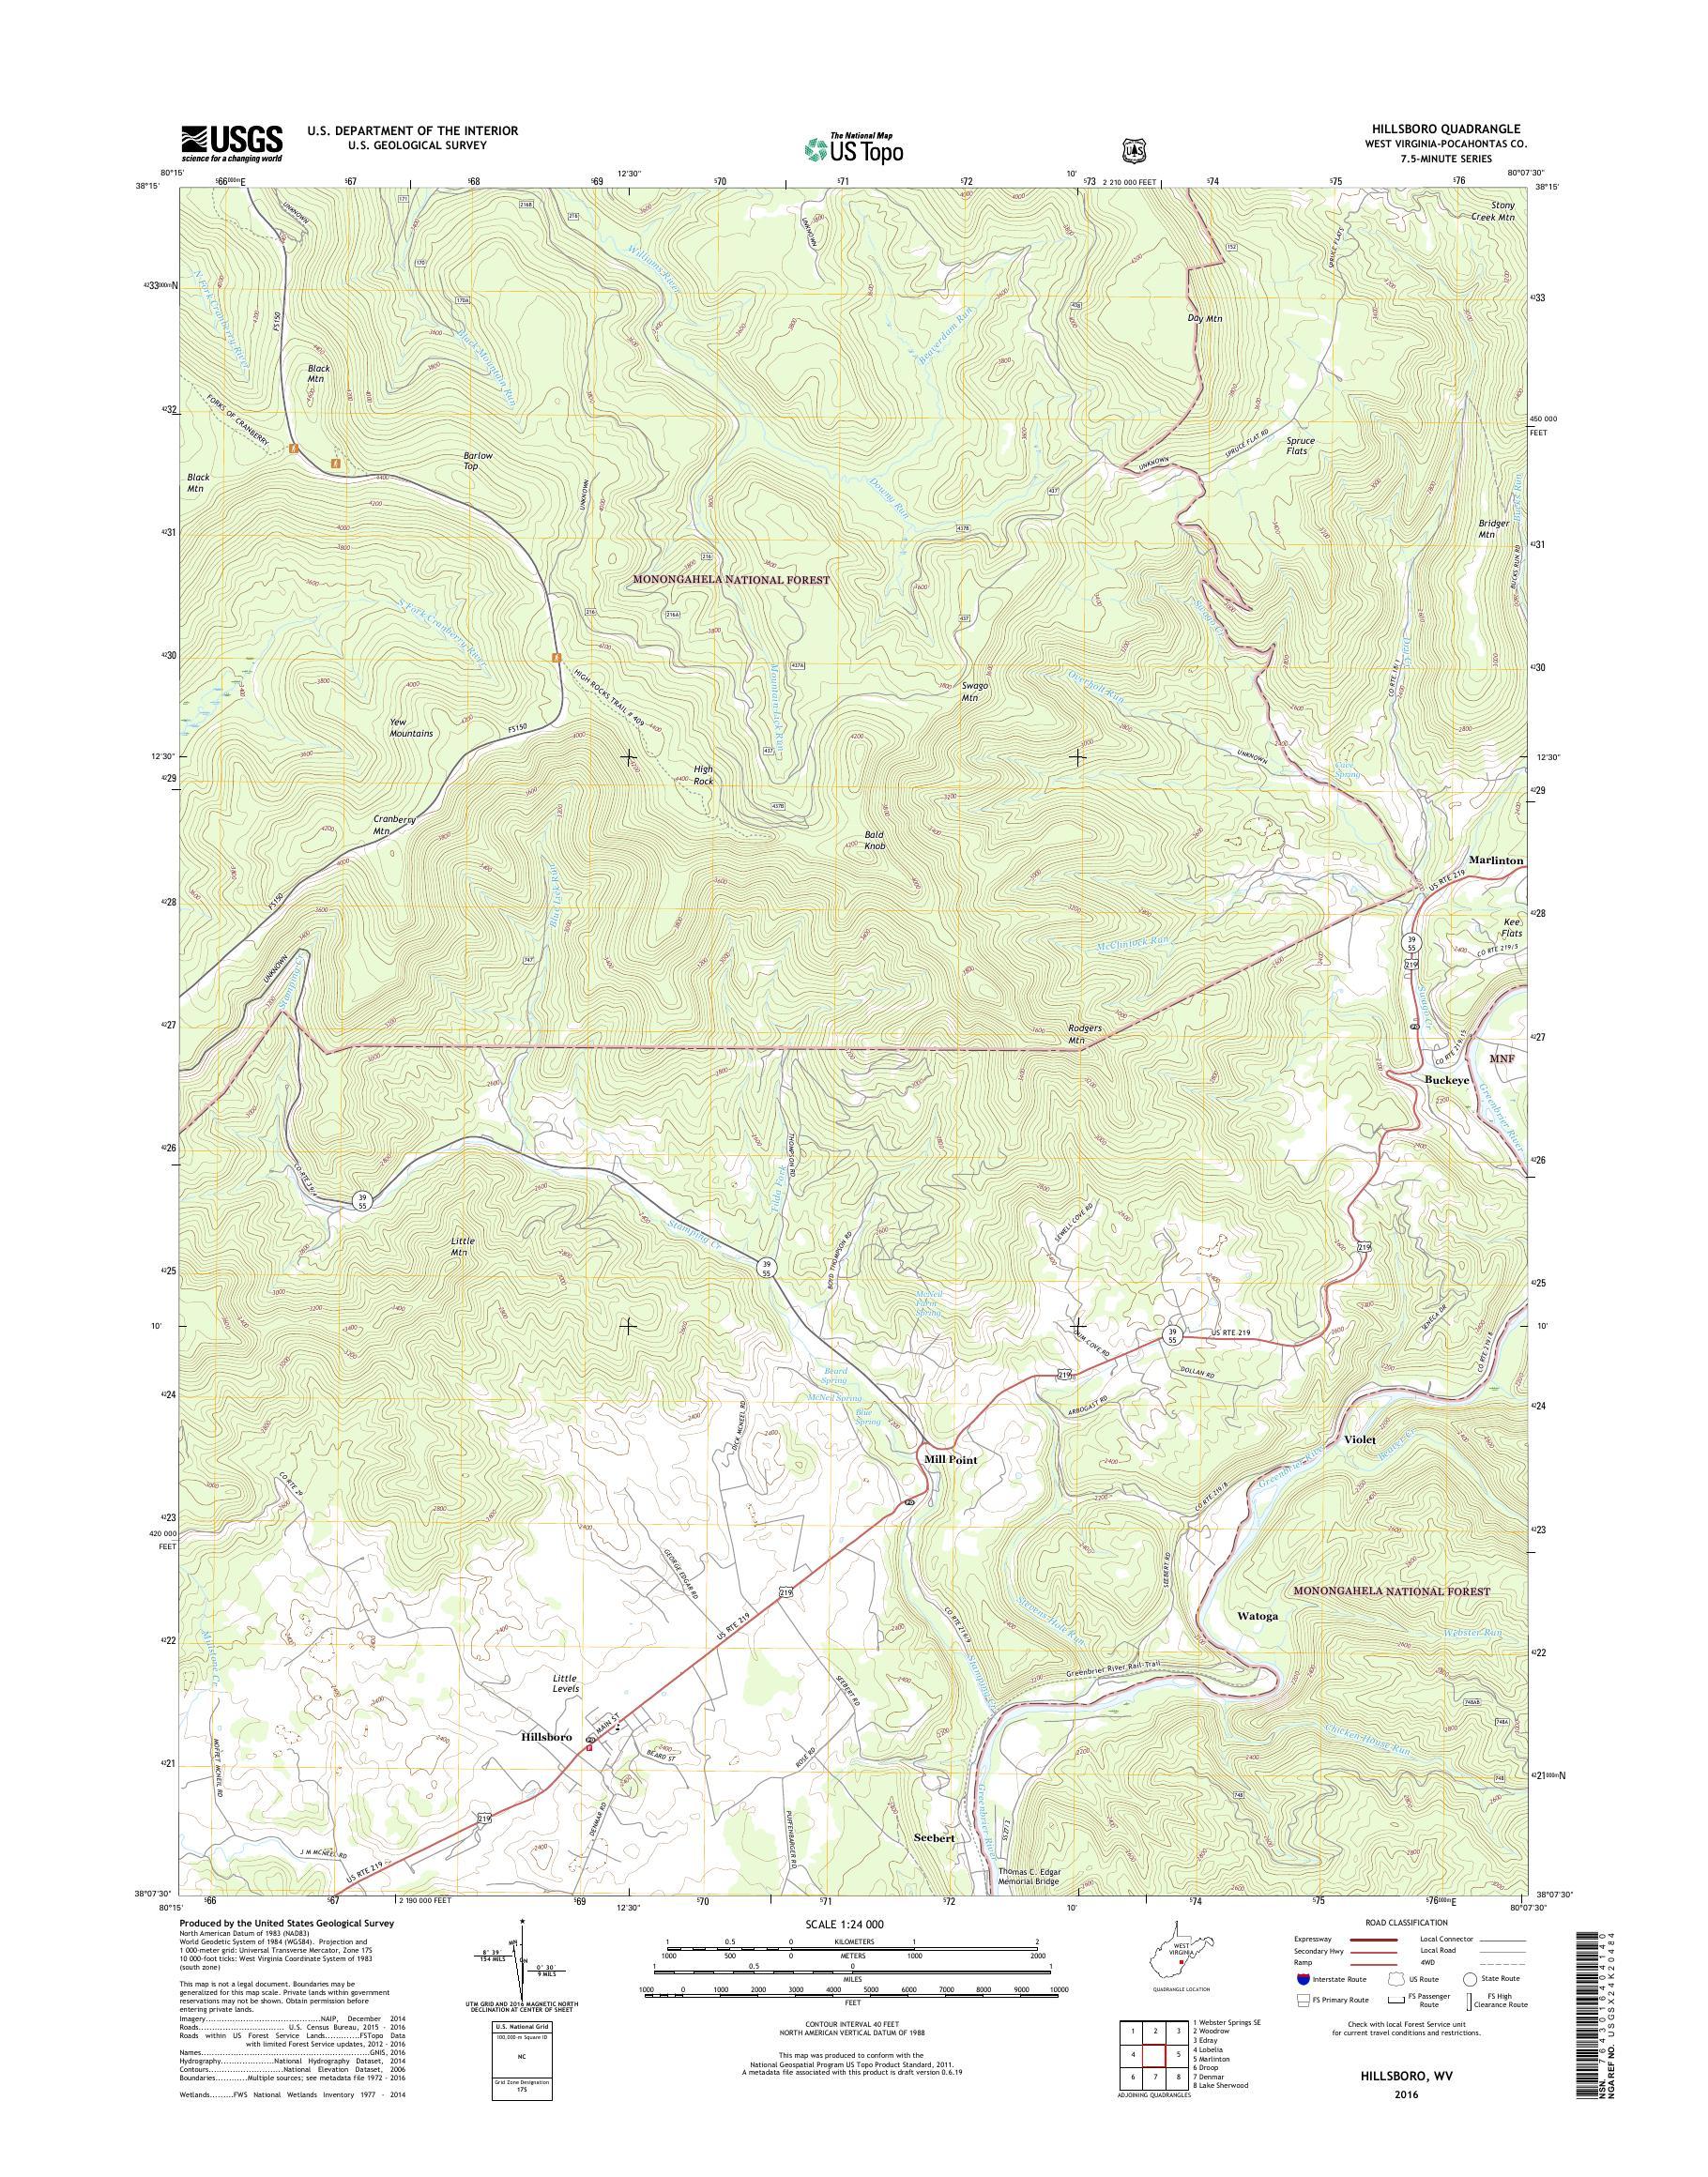 MyTopo Hillsboro, West Virginia USGS Quad Topo Map